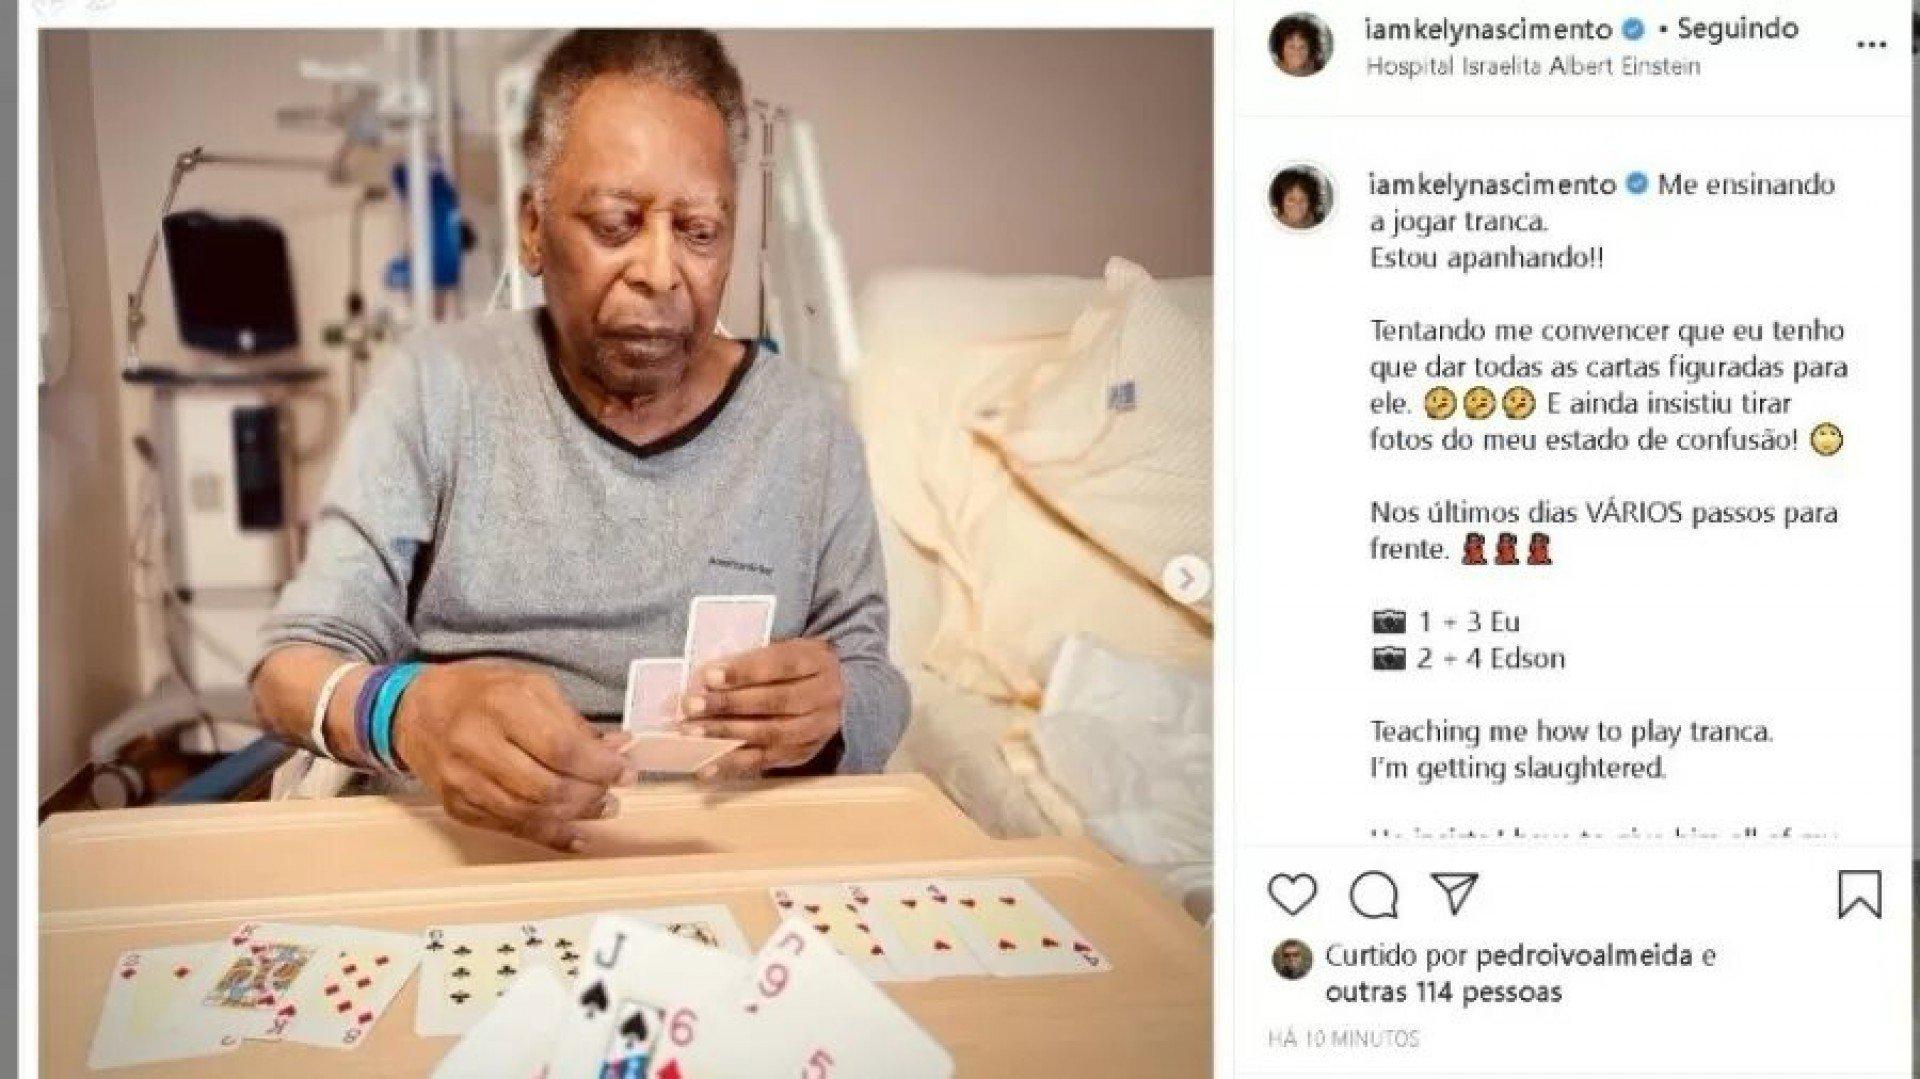 Filha de Pelé posta foto jogando cartas com pai no hospital e destaca: 'Vários passos pra frente'